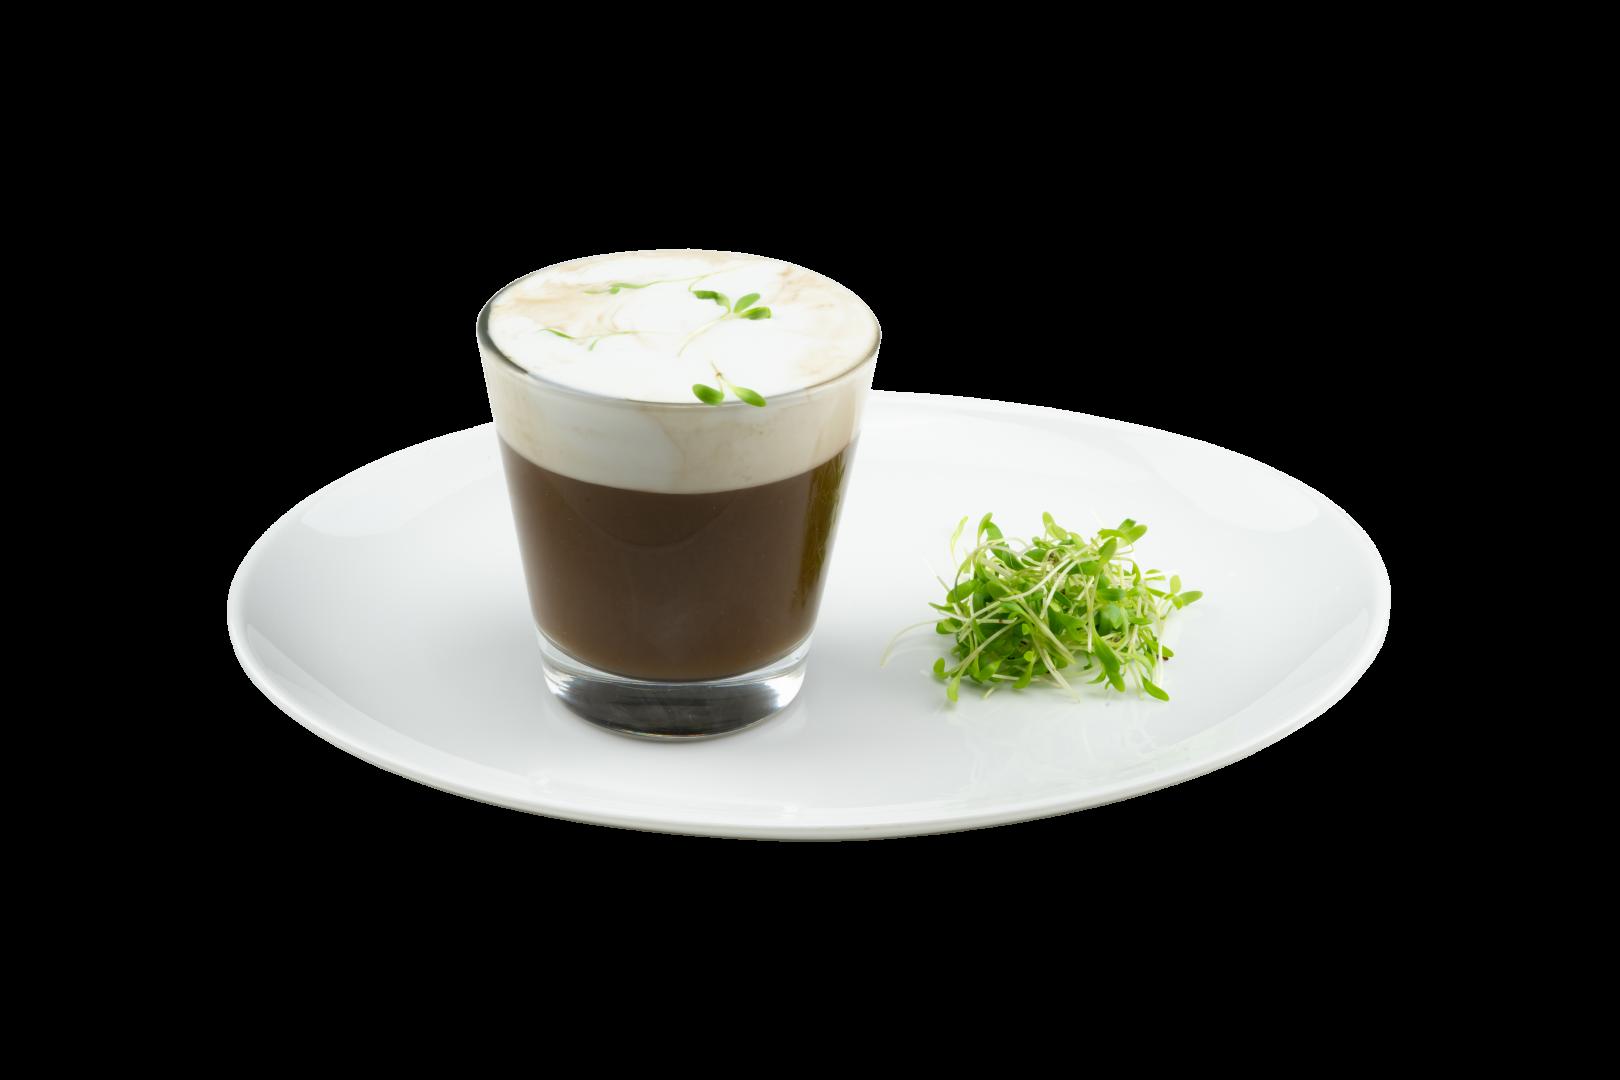 Romige cappuccino op basis van Maître Cuisine Glace de Champignon